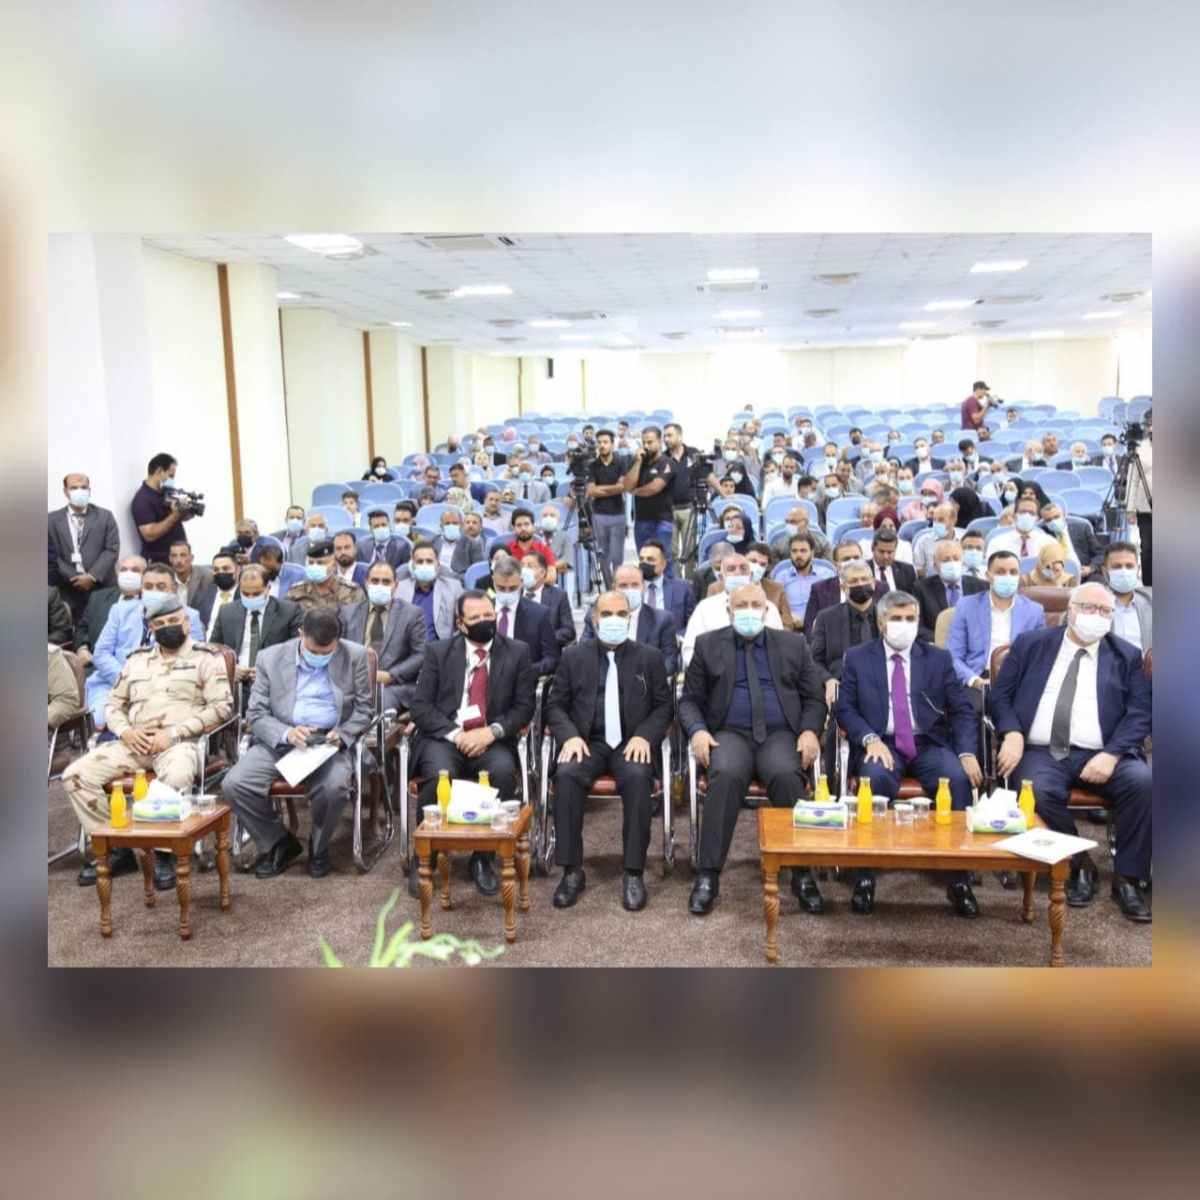 مؤتمر كلية الإدارة والاقتصاد الخامس عشر - مداخلة السيد محافظ كربلاء المقدسة الأستاذ نصيف الخطابي المحترم